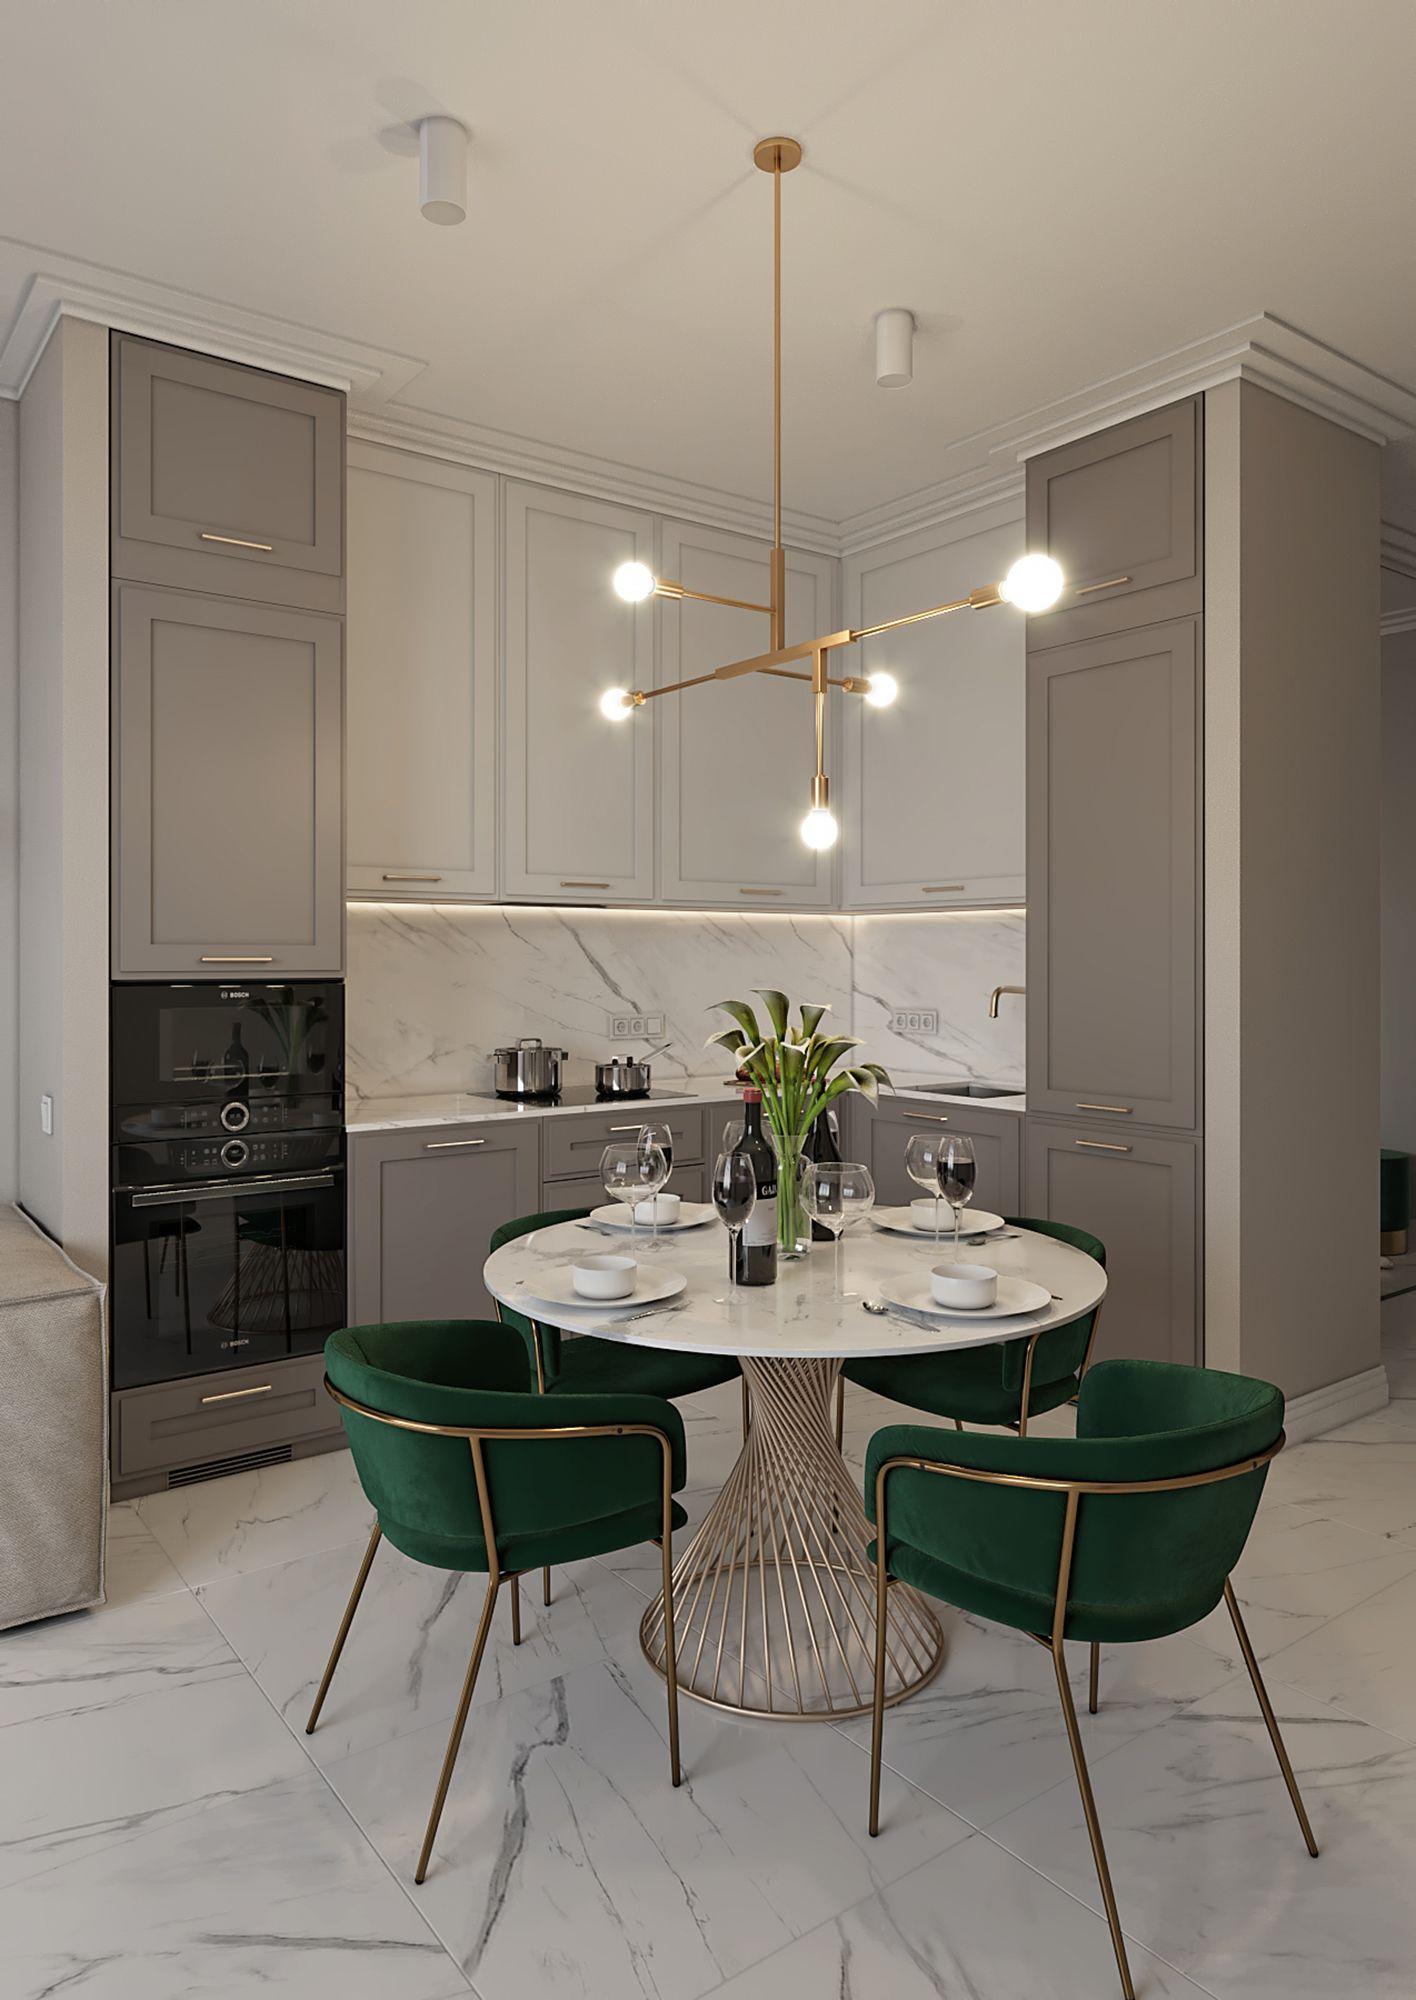 Verbovska Interior Design on Behance